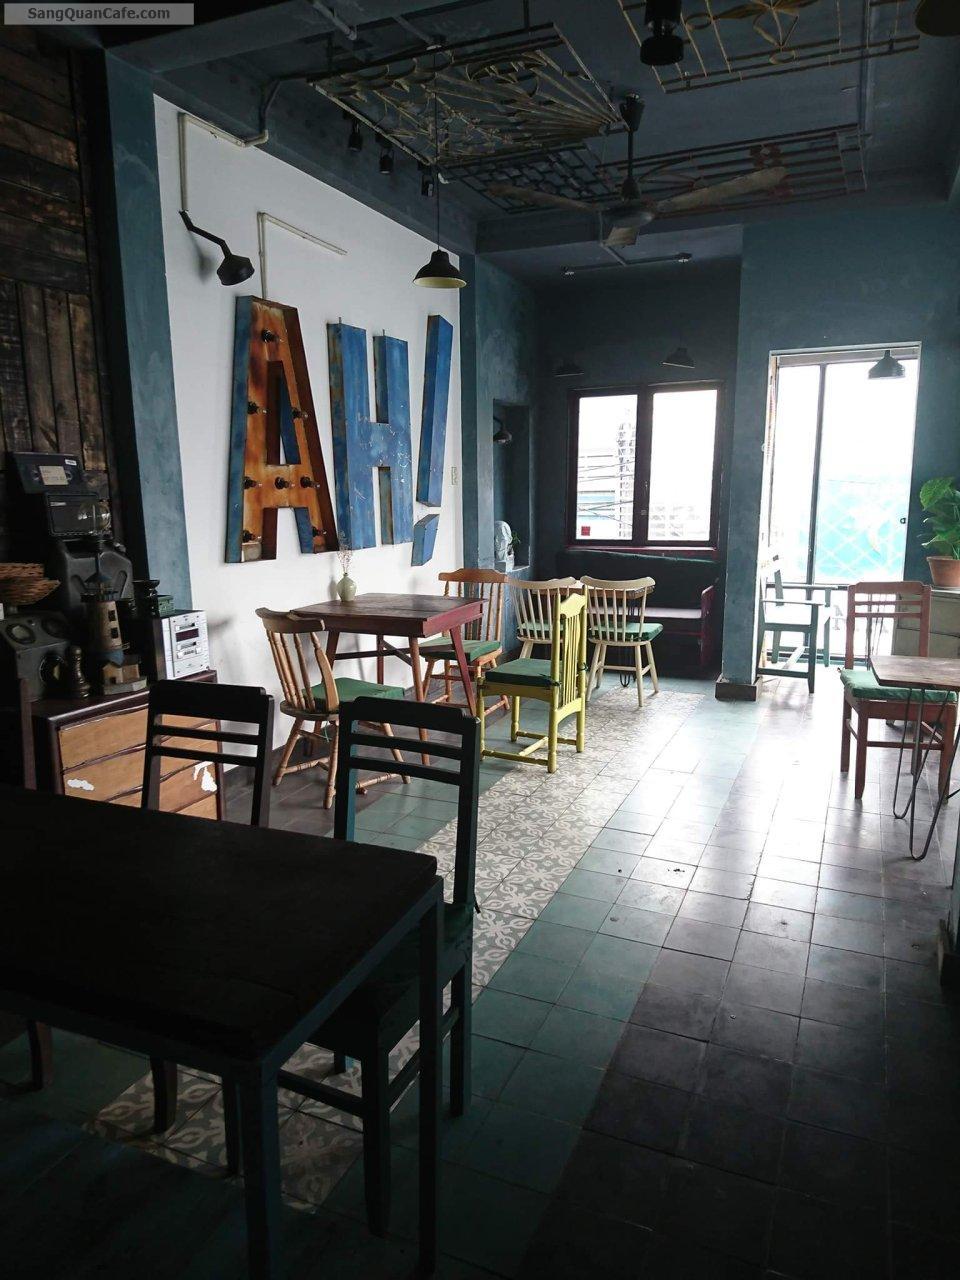 Sang quán cafe giá rẻ 2 mặt tiền đẹp